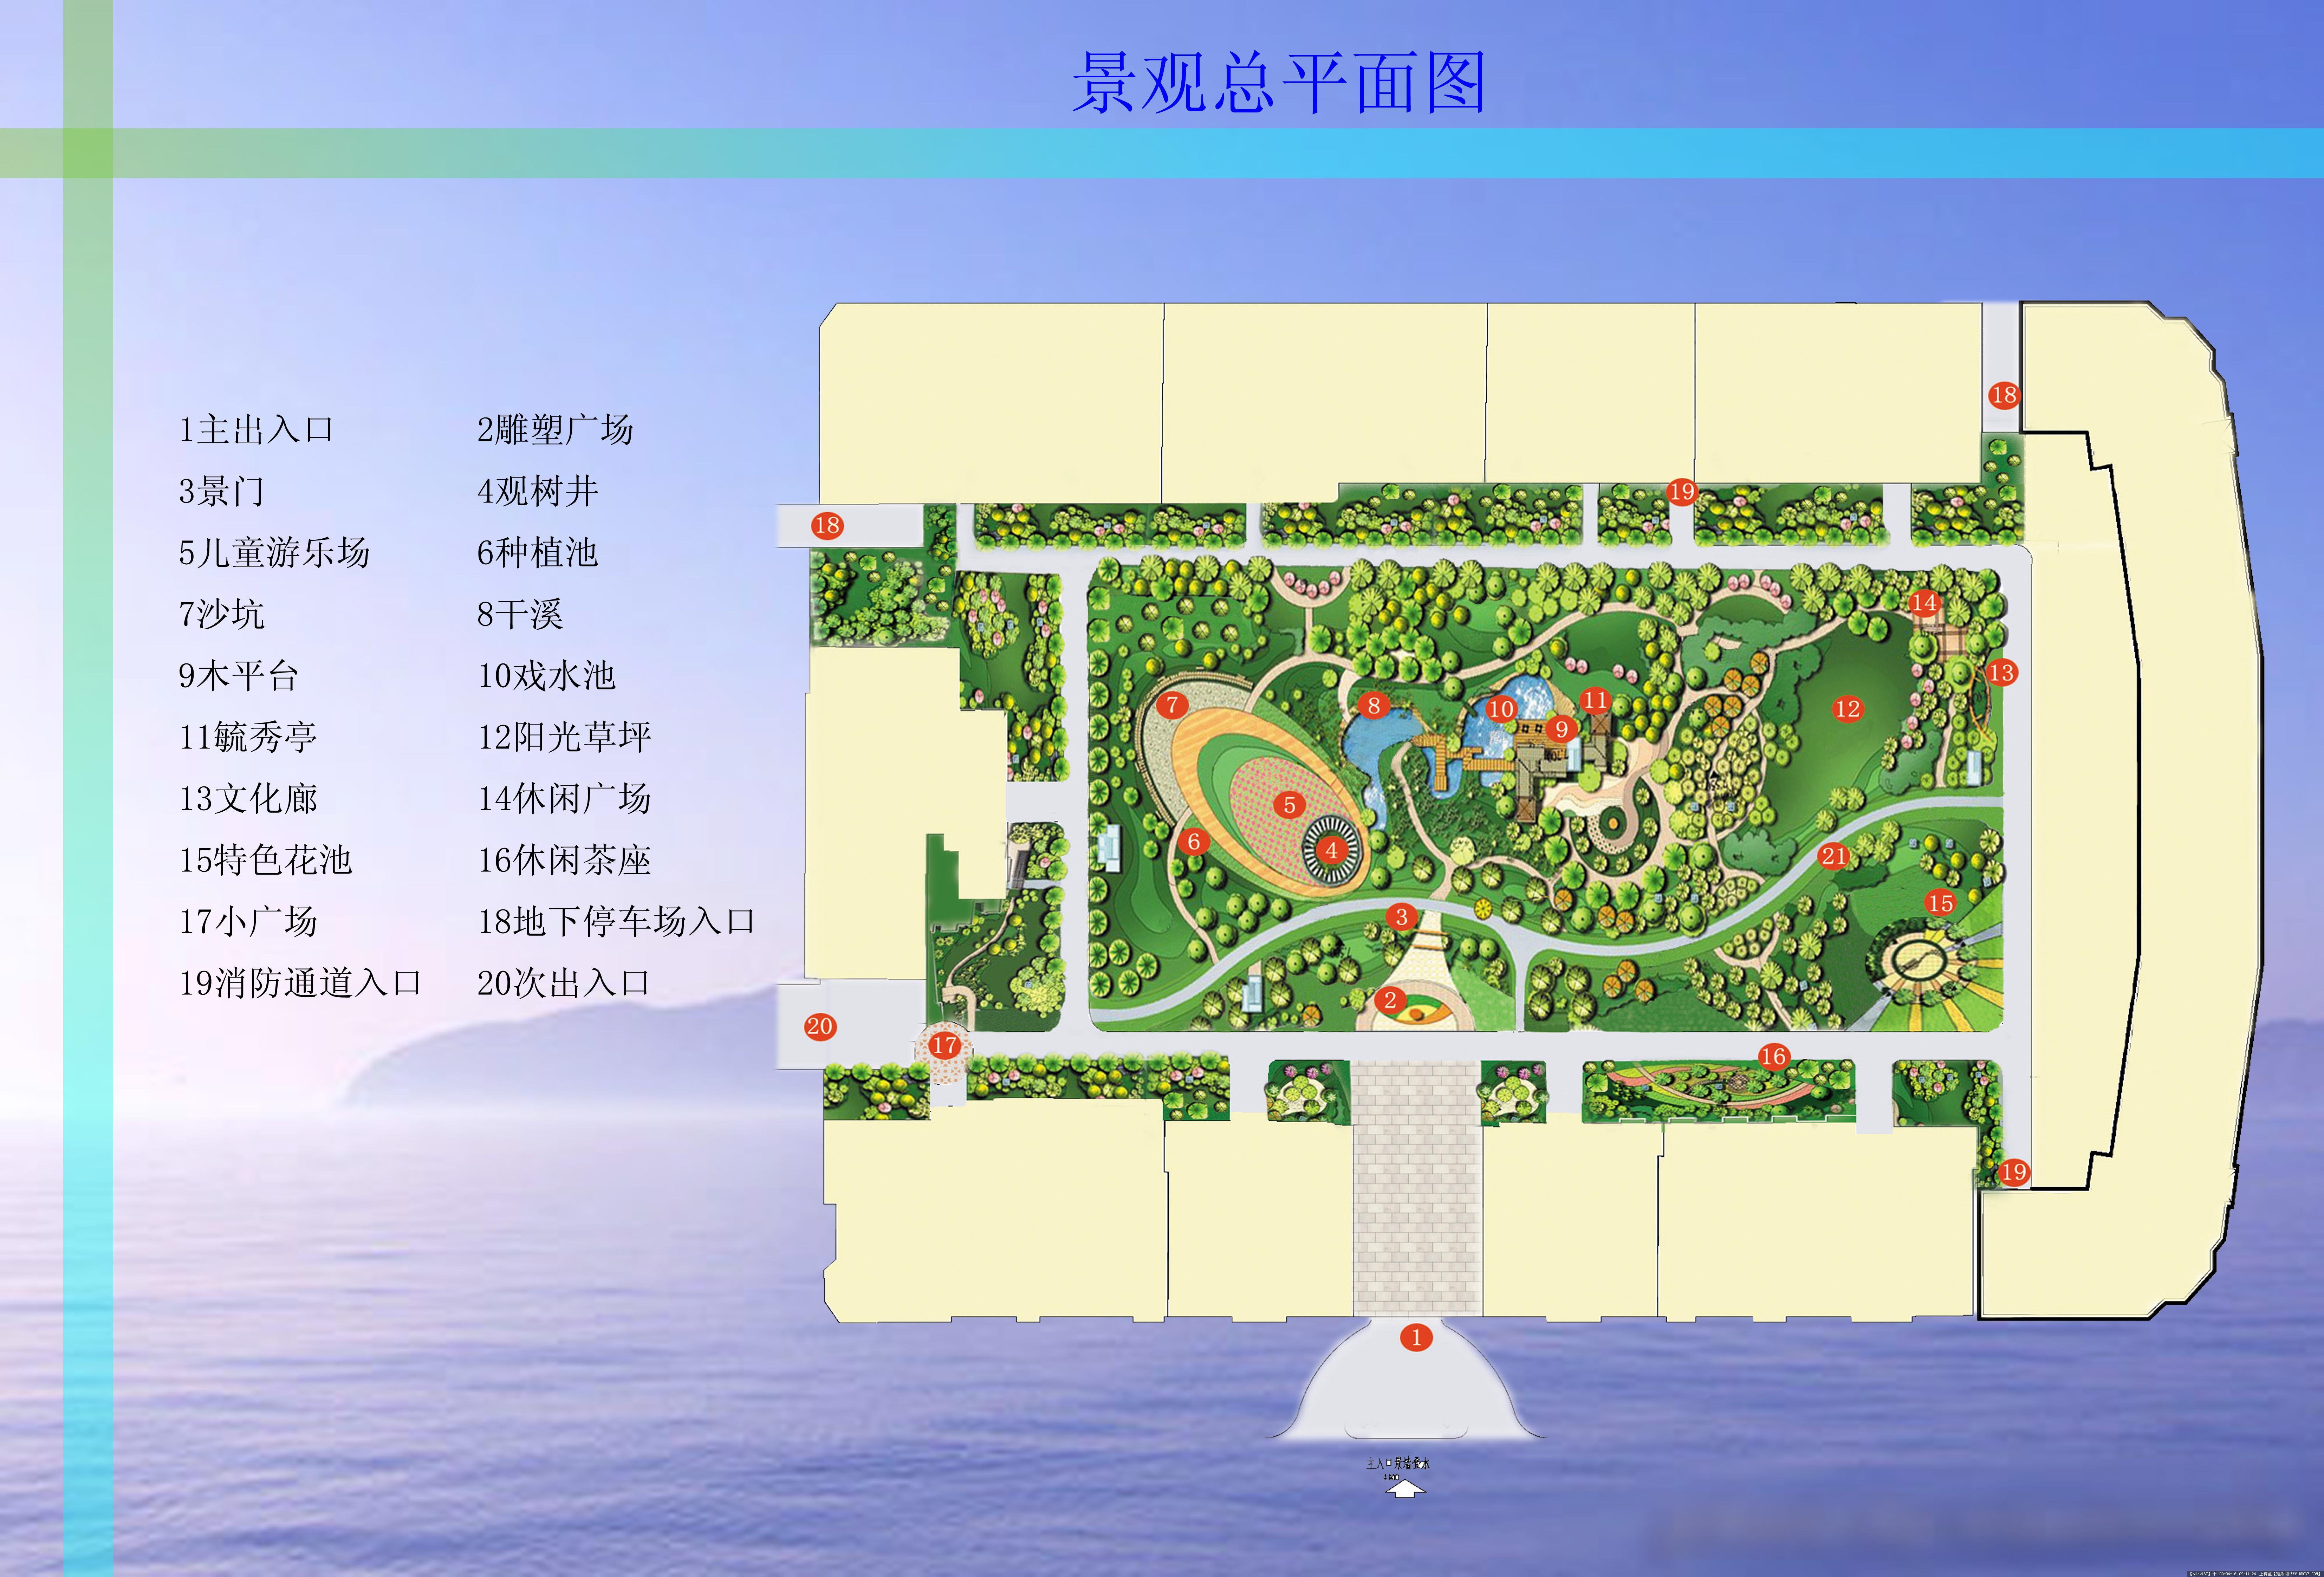 小区效果图的图片浏览,园林方案设计,居住区,园林景观